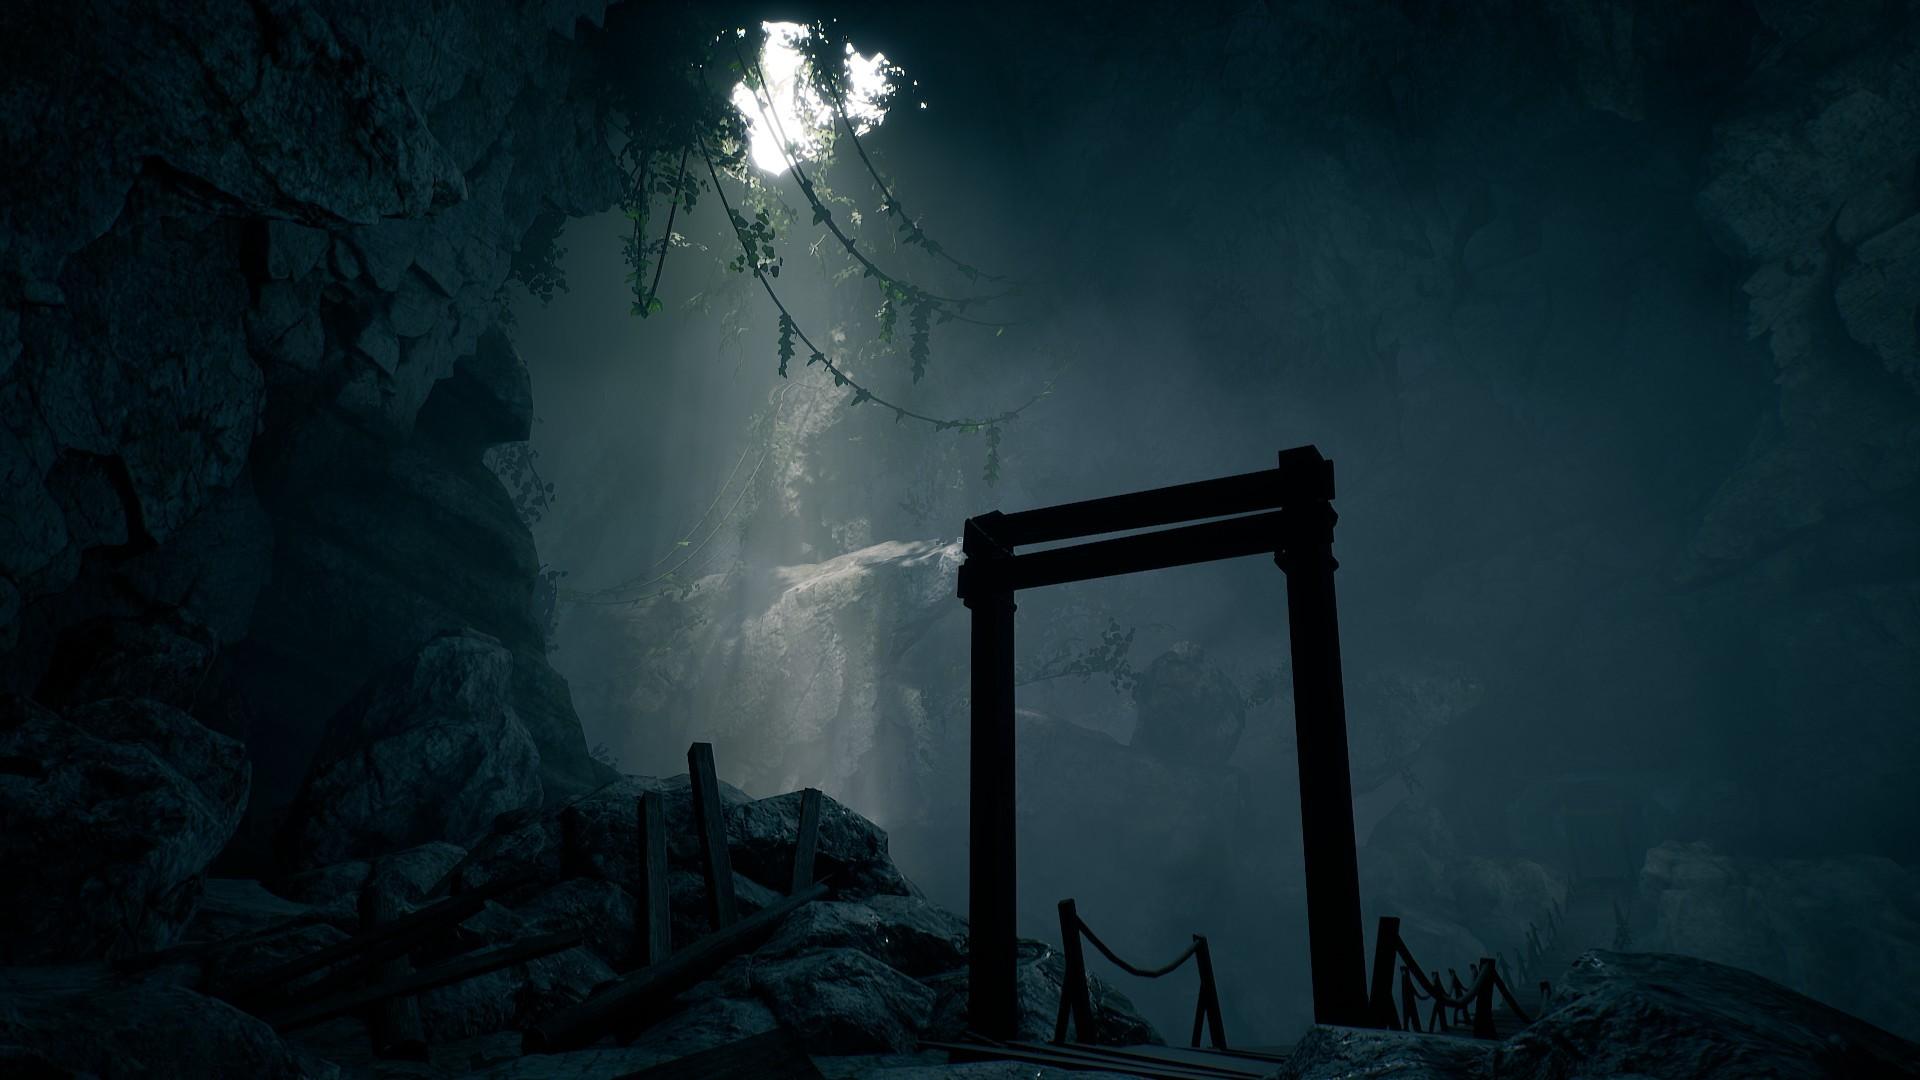 In den Höhlen verbringt man relativ viel Zeit. Zum Glück sind auch die meist sehenswert.